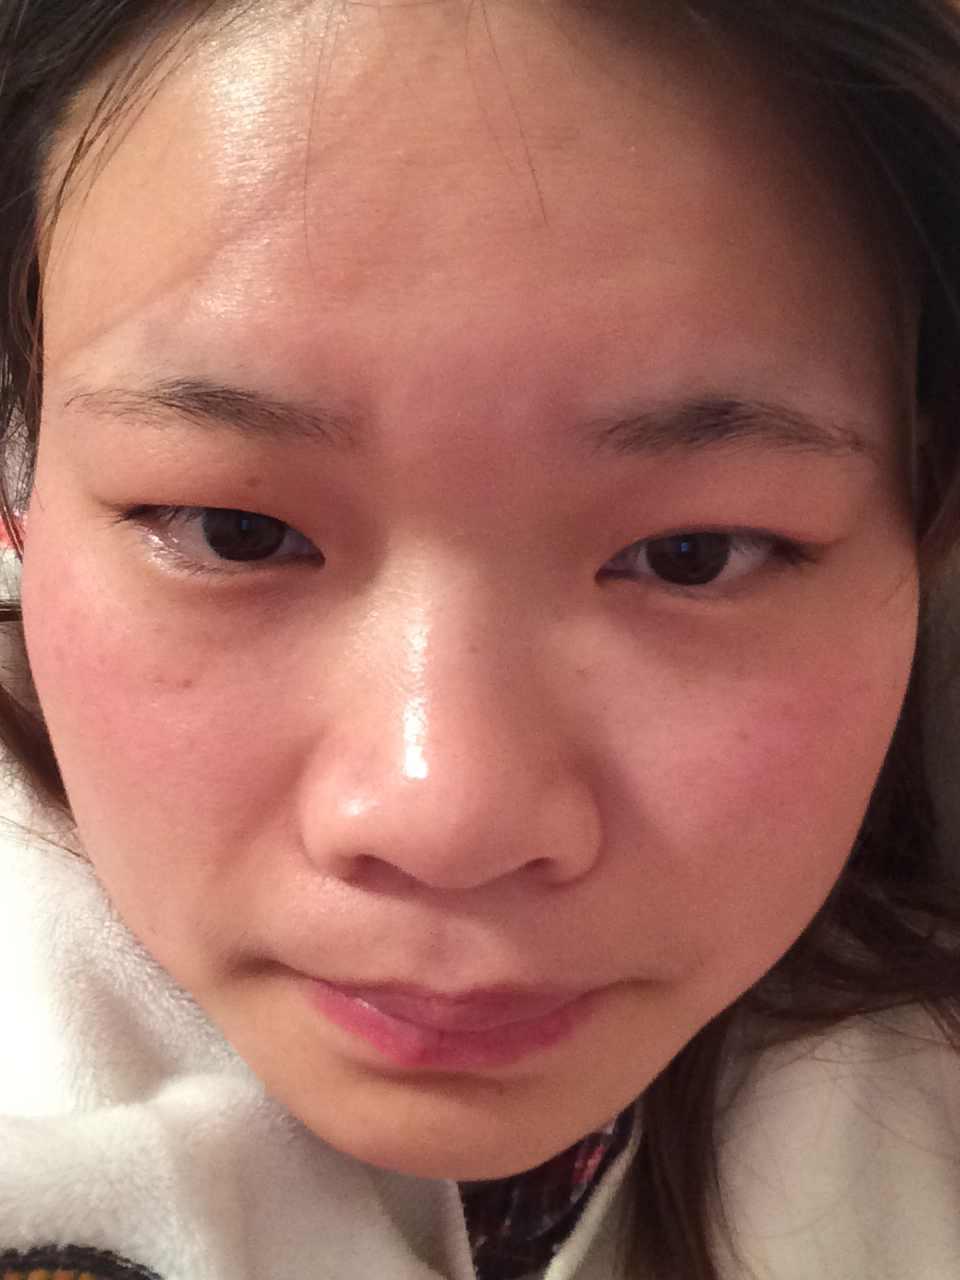 鼻头肥大整形价格多少钱,想变美不知道应该怎么做